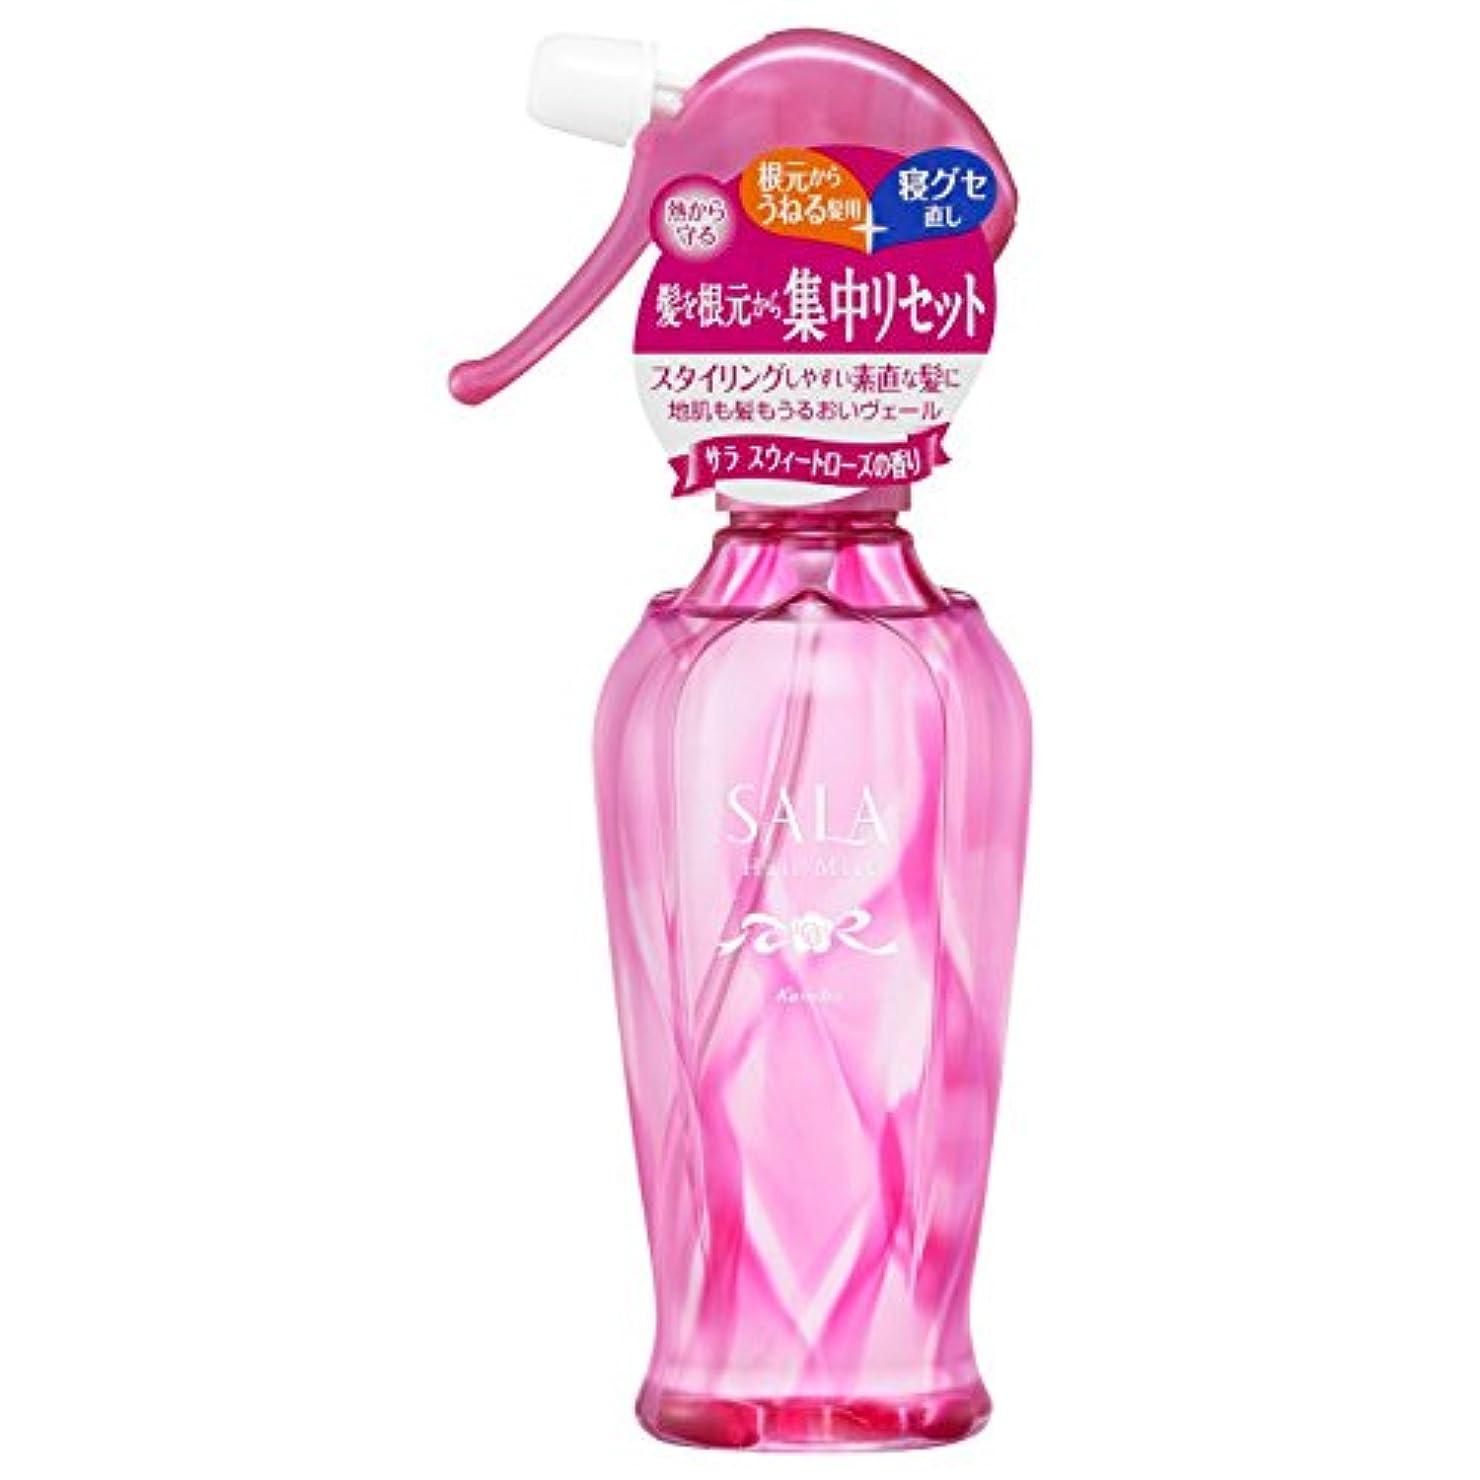 節約ホラースピンサラ 集中リセットサラ水 サラスウィートローズの香り